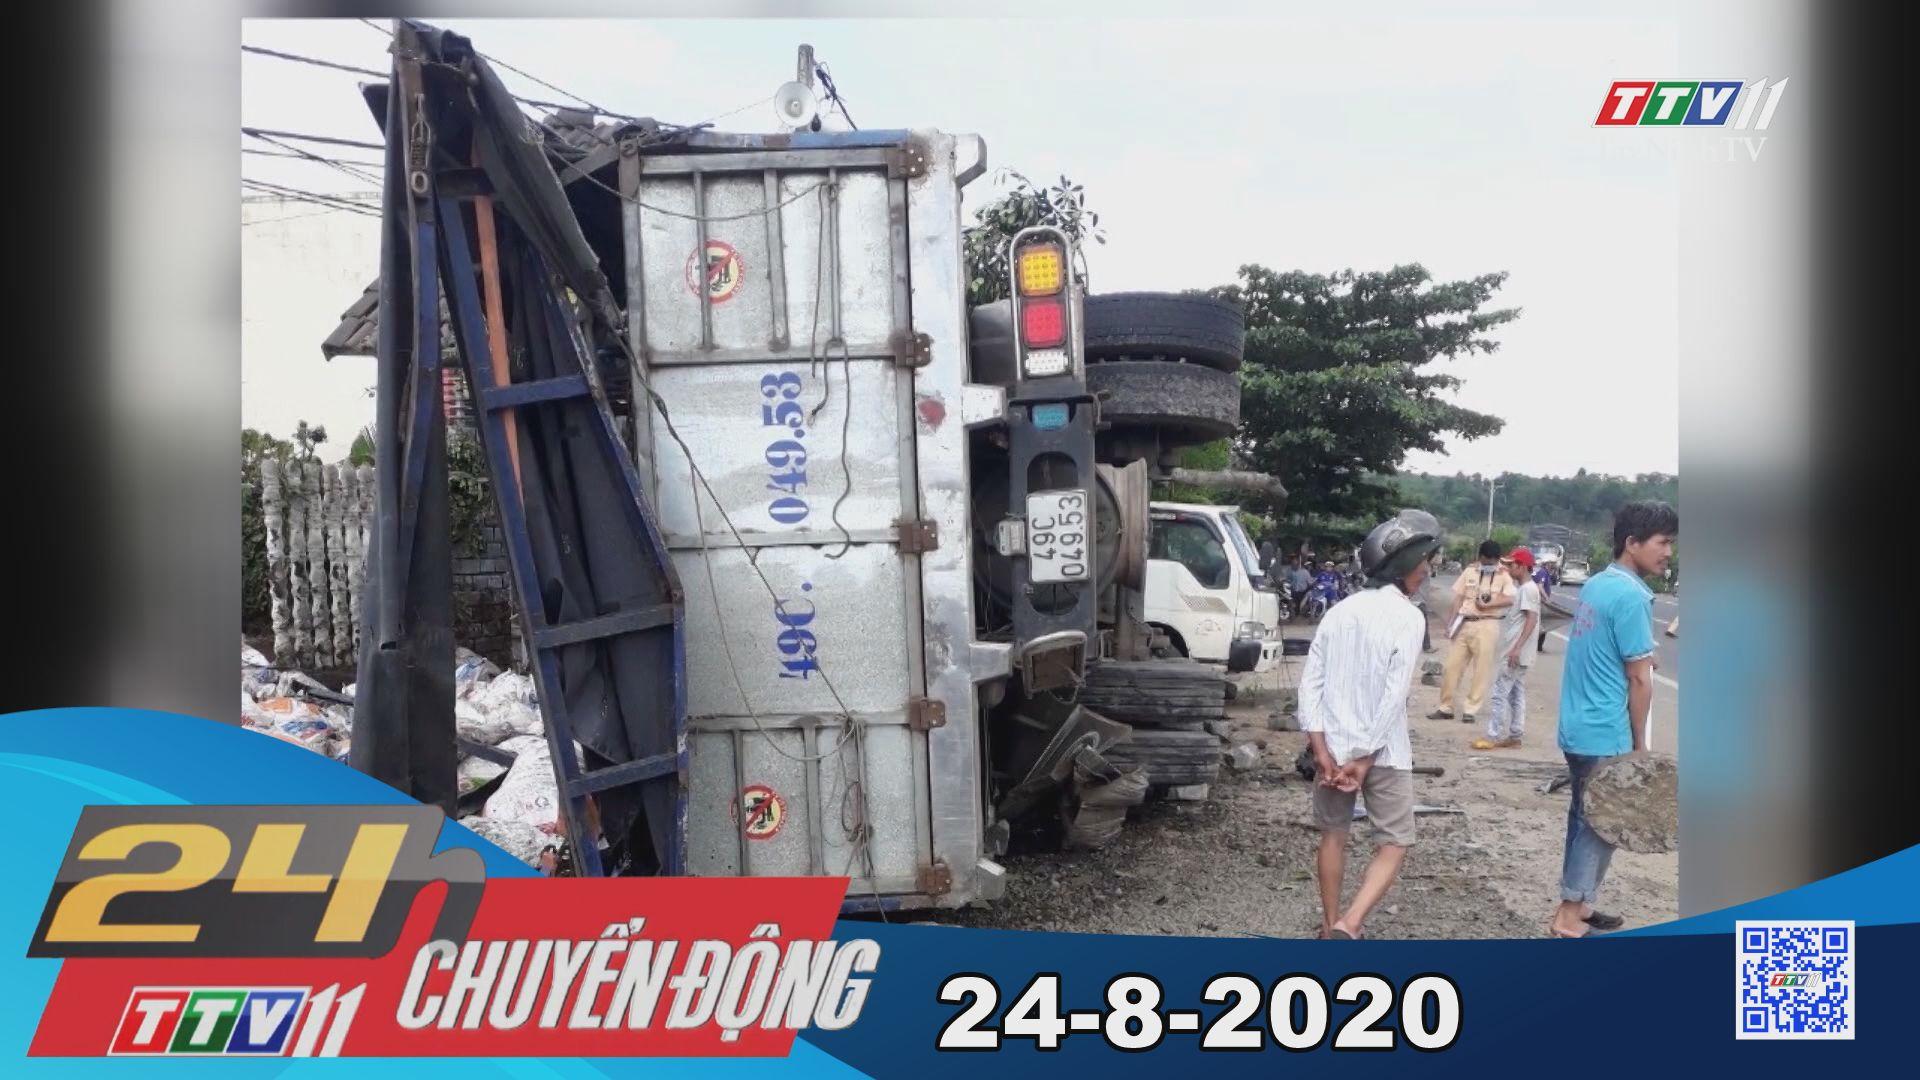 24h Chuyển động 24-8-2020 | Tin tức hôm nay | TayNinhTV